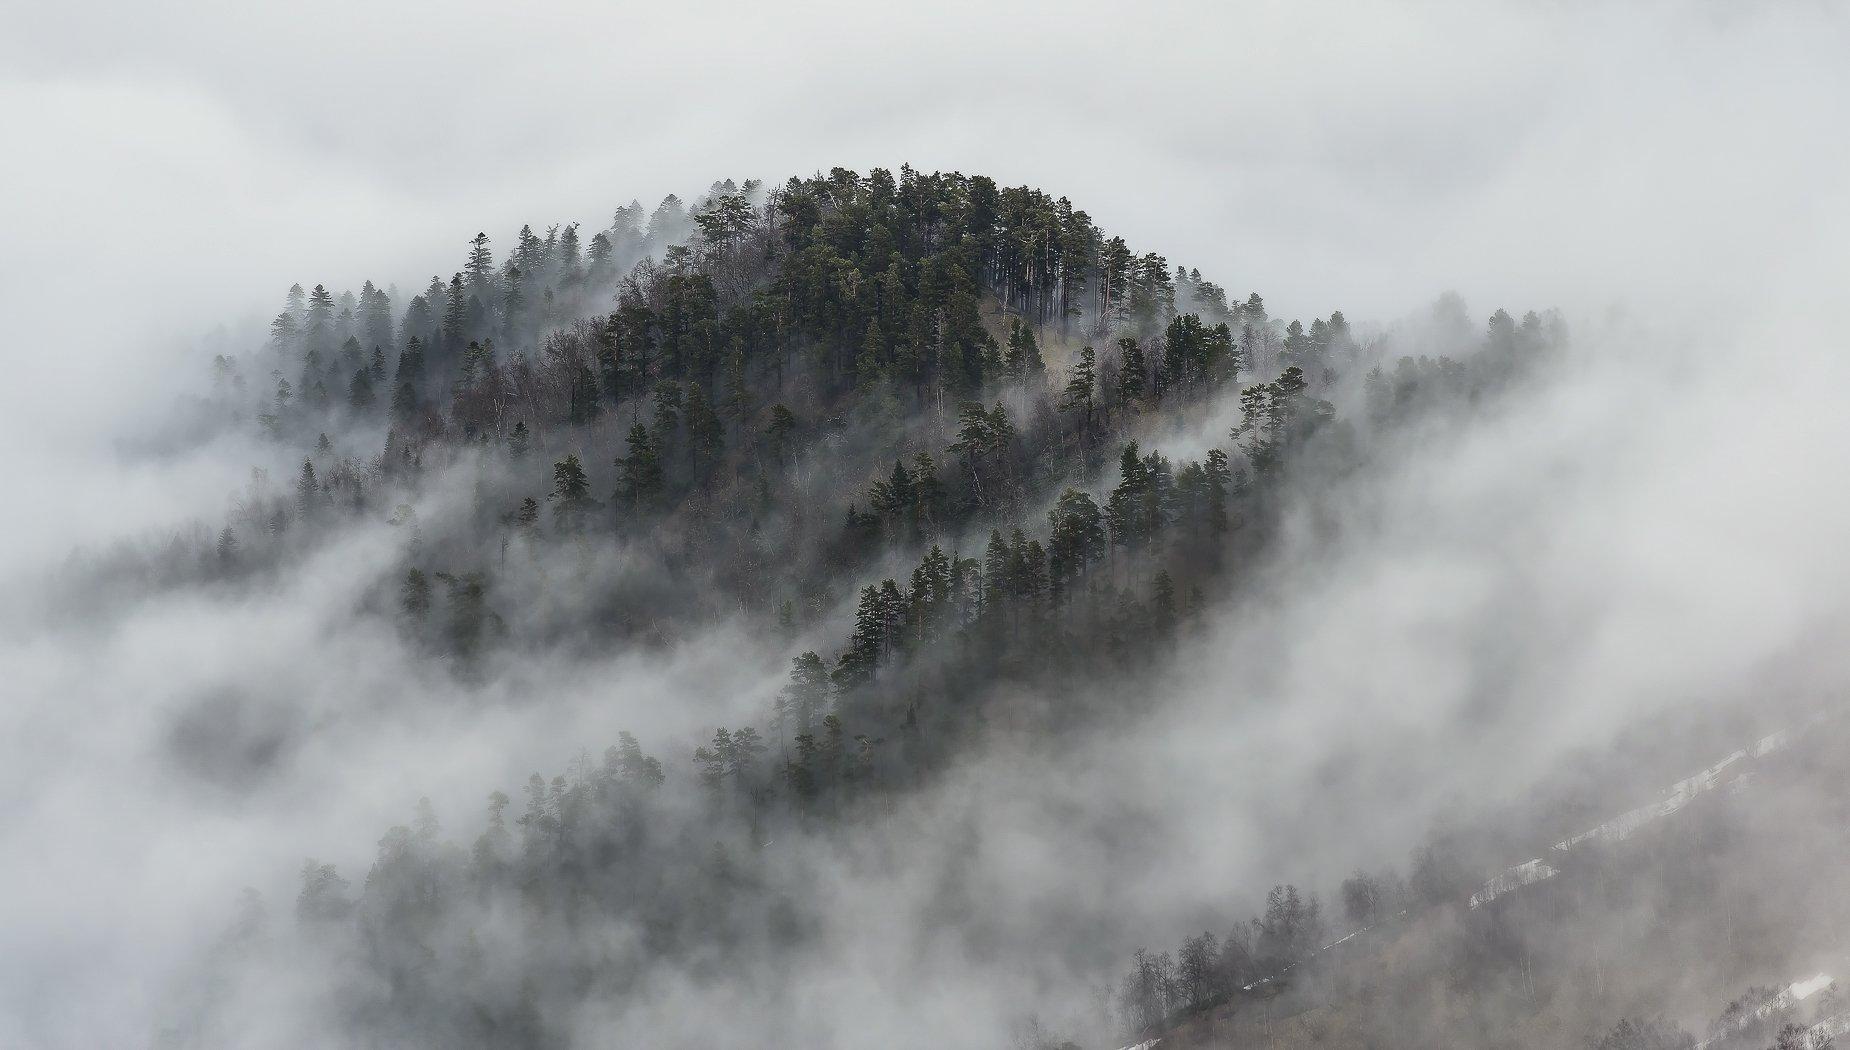 май, 2016, туман, хребет, передовой, вечер, вершина, асбестной, ФЁДОР